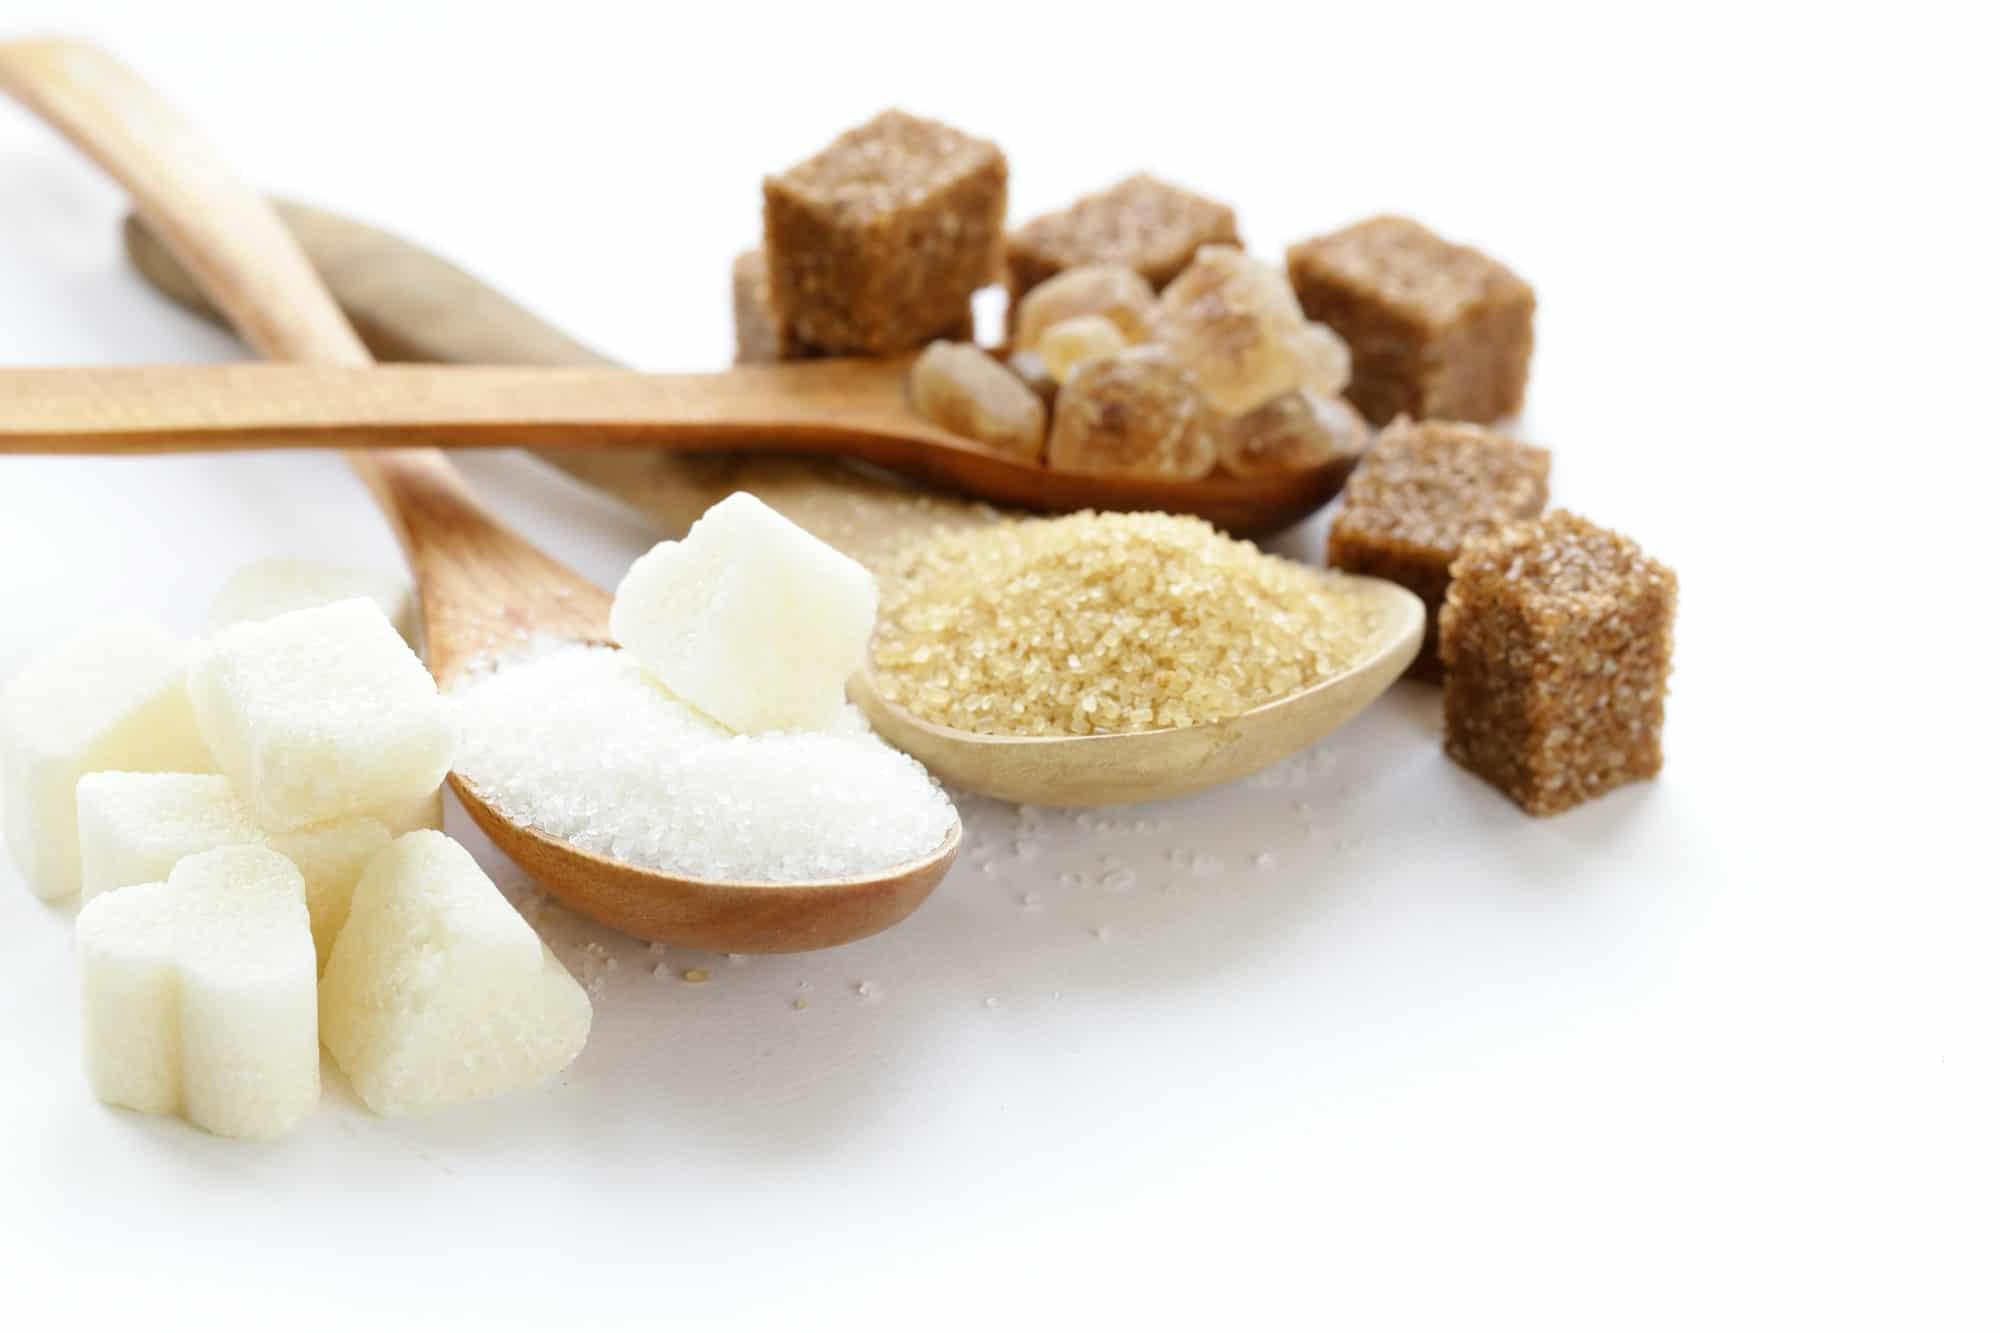 sucre blanc et brun dans des cuillères en bois